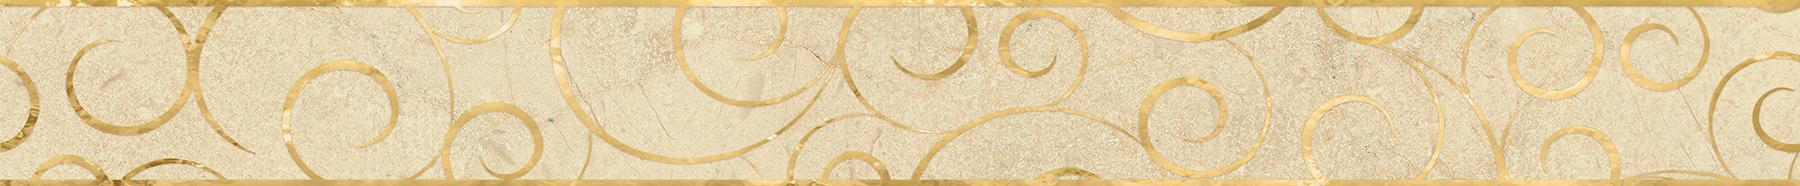 Миланезе дизайн Бордюр Флорал крема 1506-0156 6х60 цены